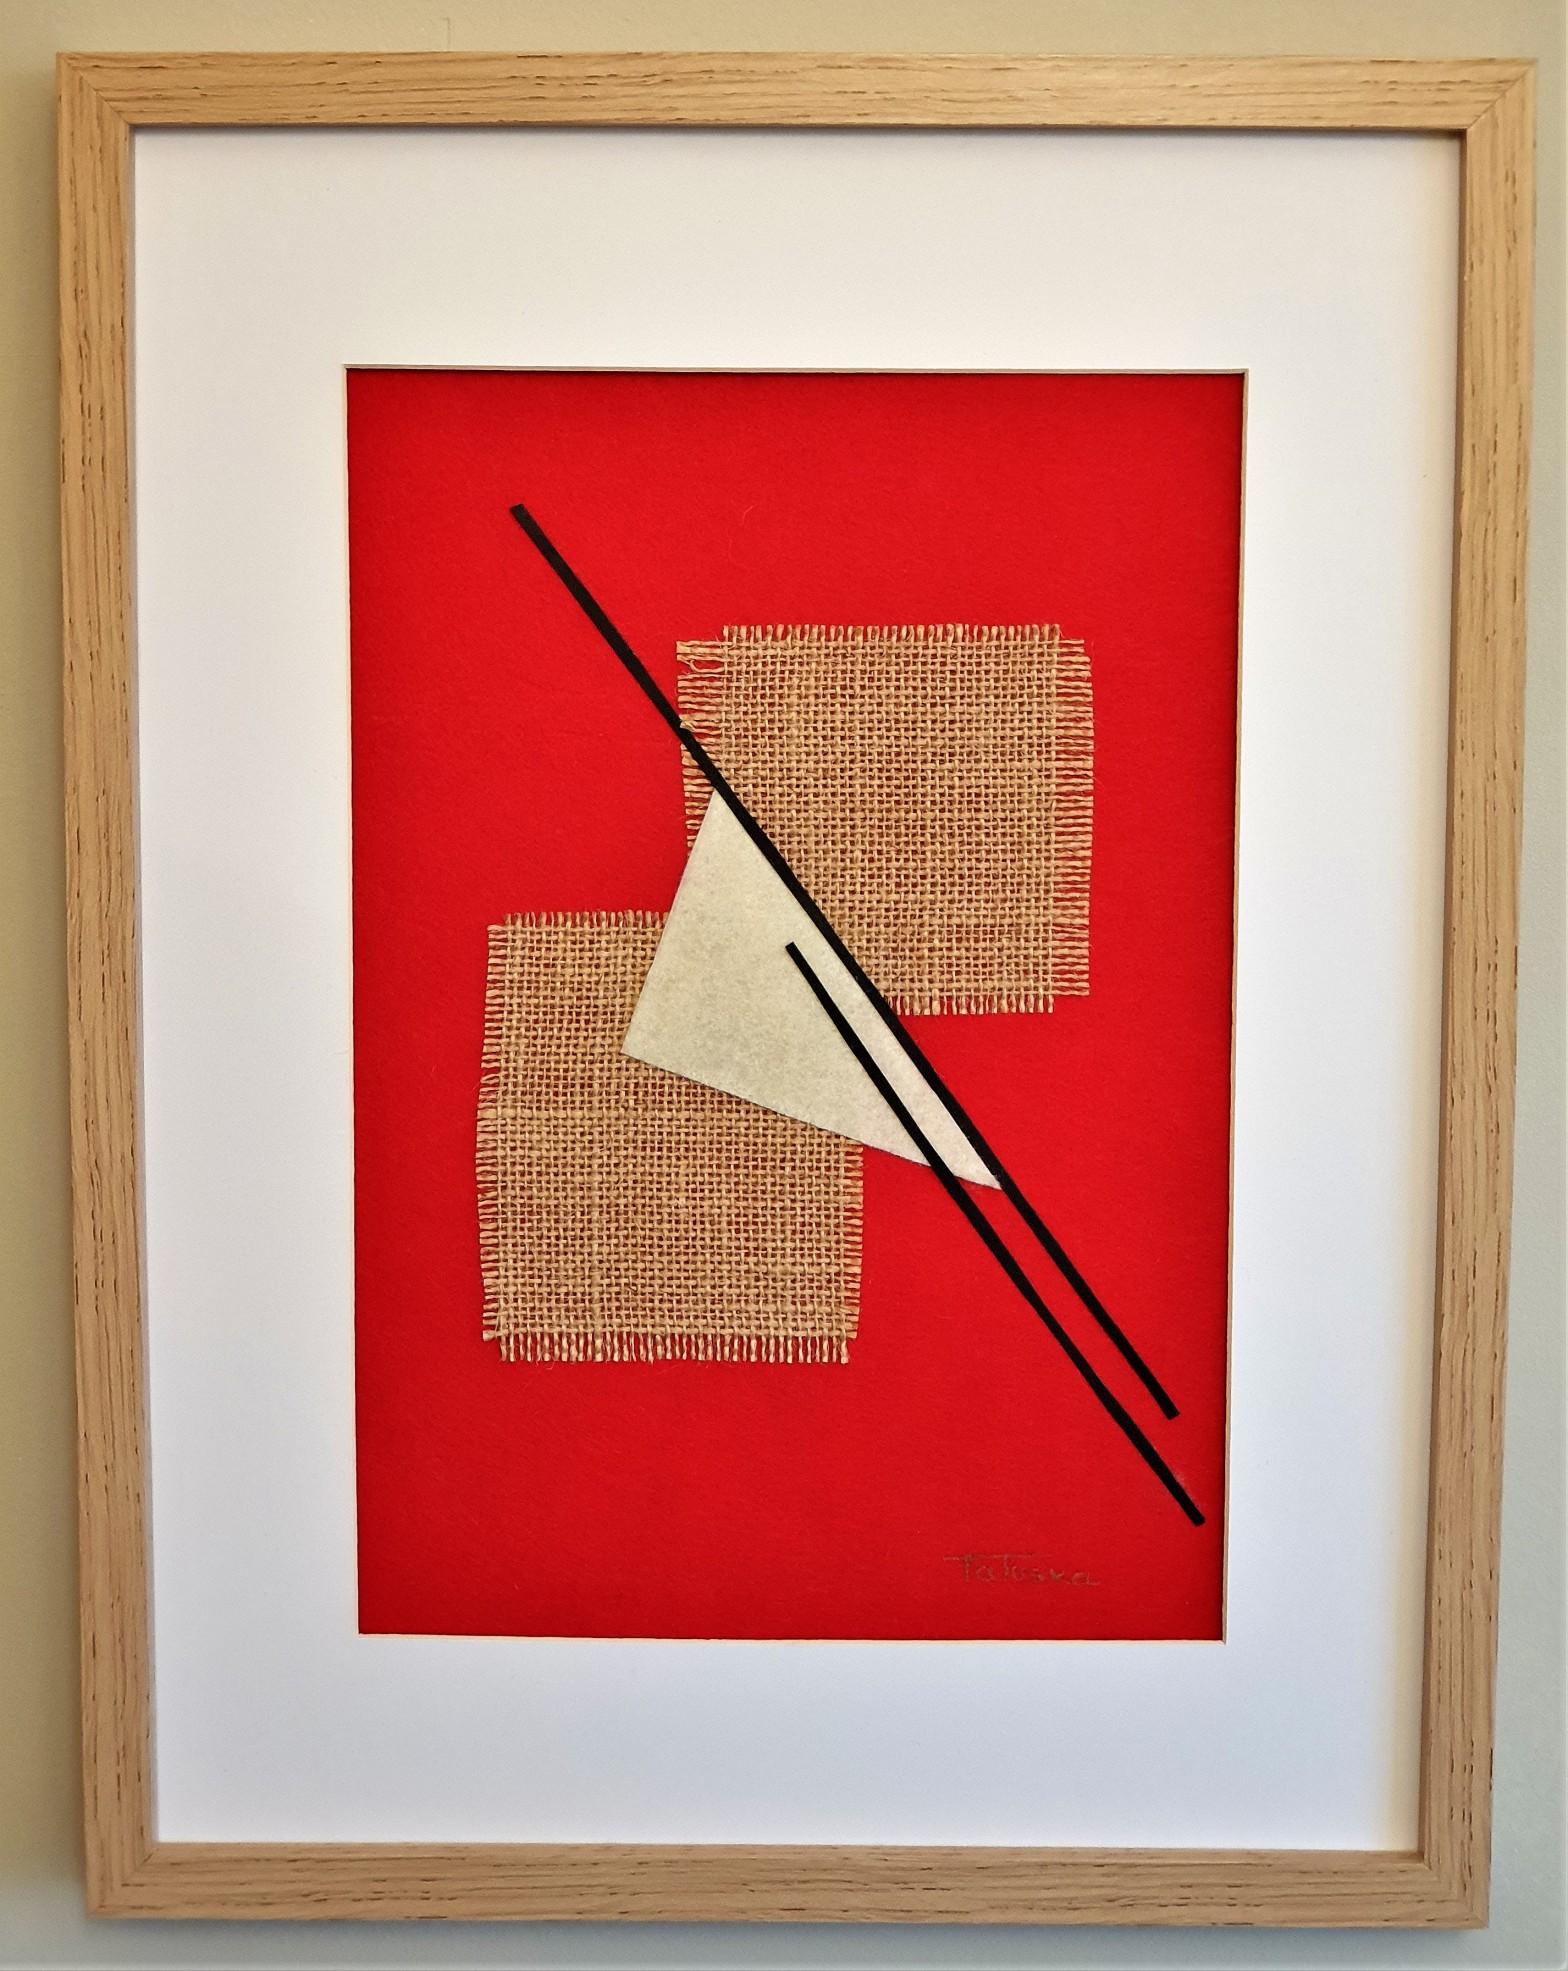 """Cuadro de arte abstracto titulado """"Almost Christmas"""" de la artista de arte abstracto contemporáneo Tatuska"""